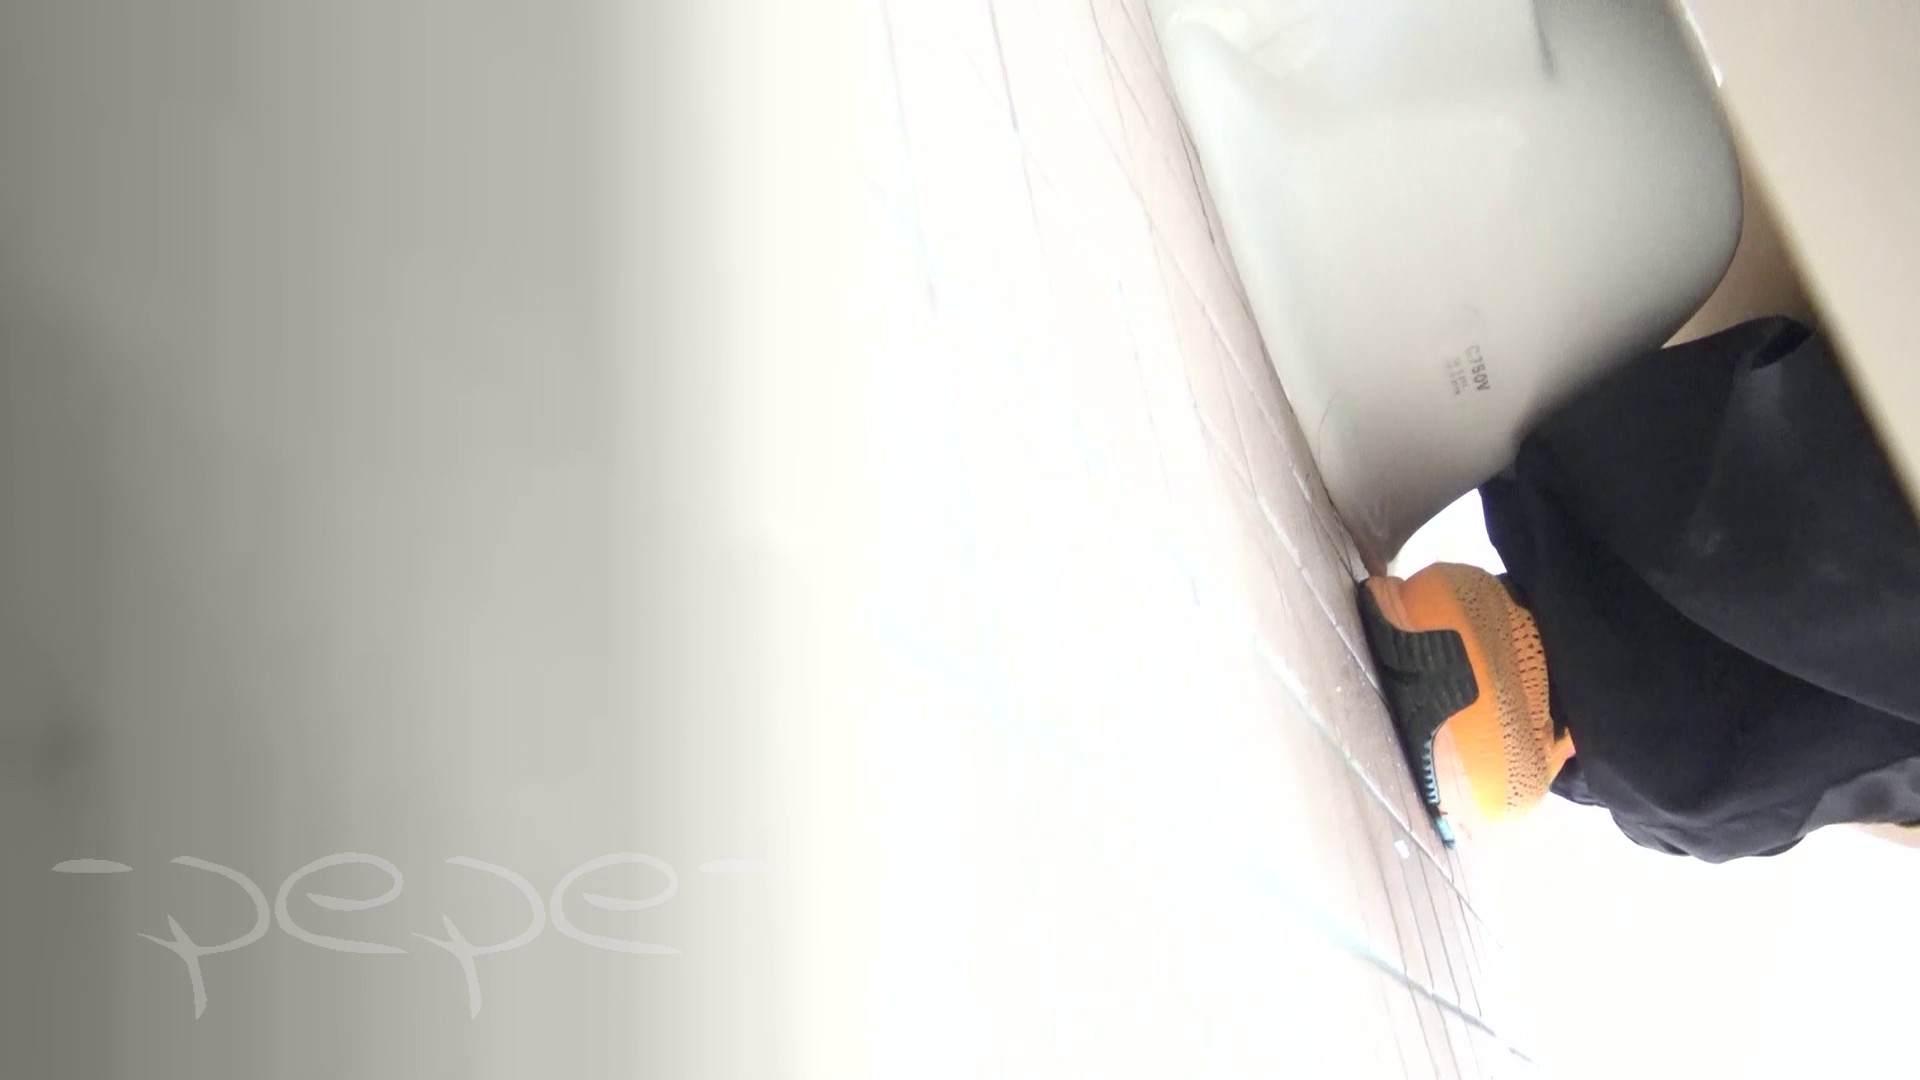 ▲期間限定D▲至高洗面所盗撮 27 体育館 局部好きの為の下方撮り特集!!05 期間限定作品 性交動画流出 109画像 62